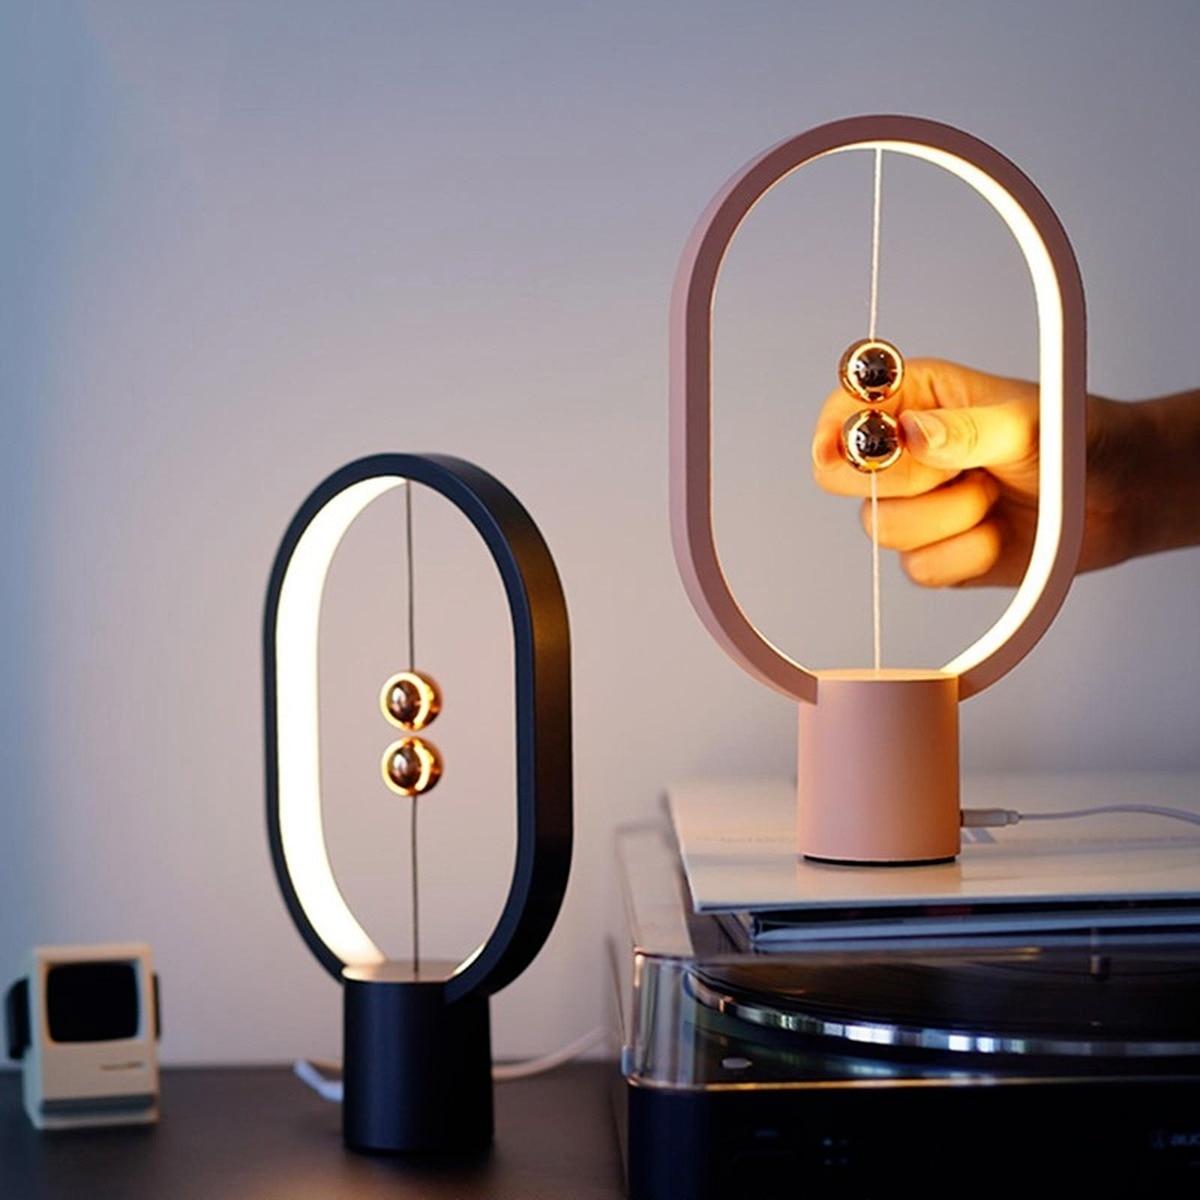 المغناطيسي LED الجدول مصباح التحكم باللمس ضوء الليل USB قابلة للشحن مصغرة HENGPRO التوازن القطع الناقص منتصف الهواء التبديل العناية بالعين